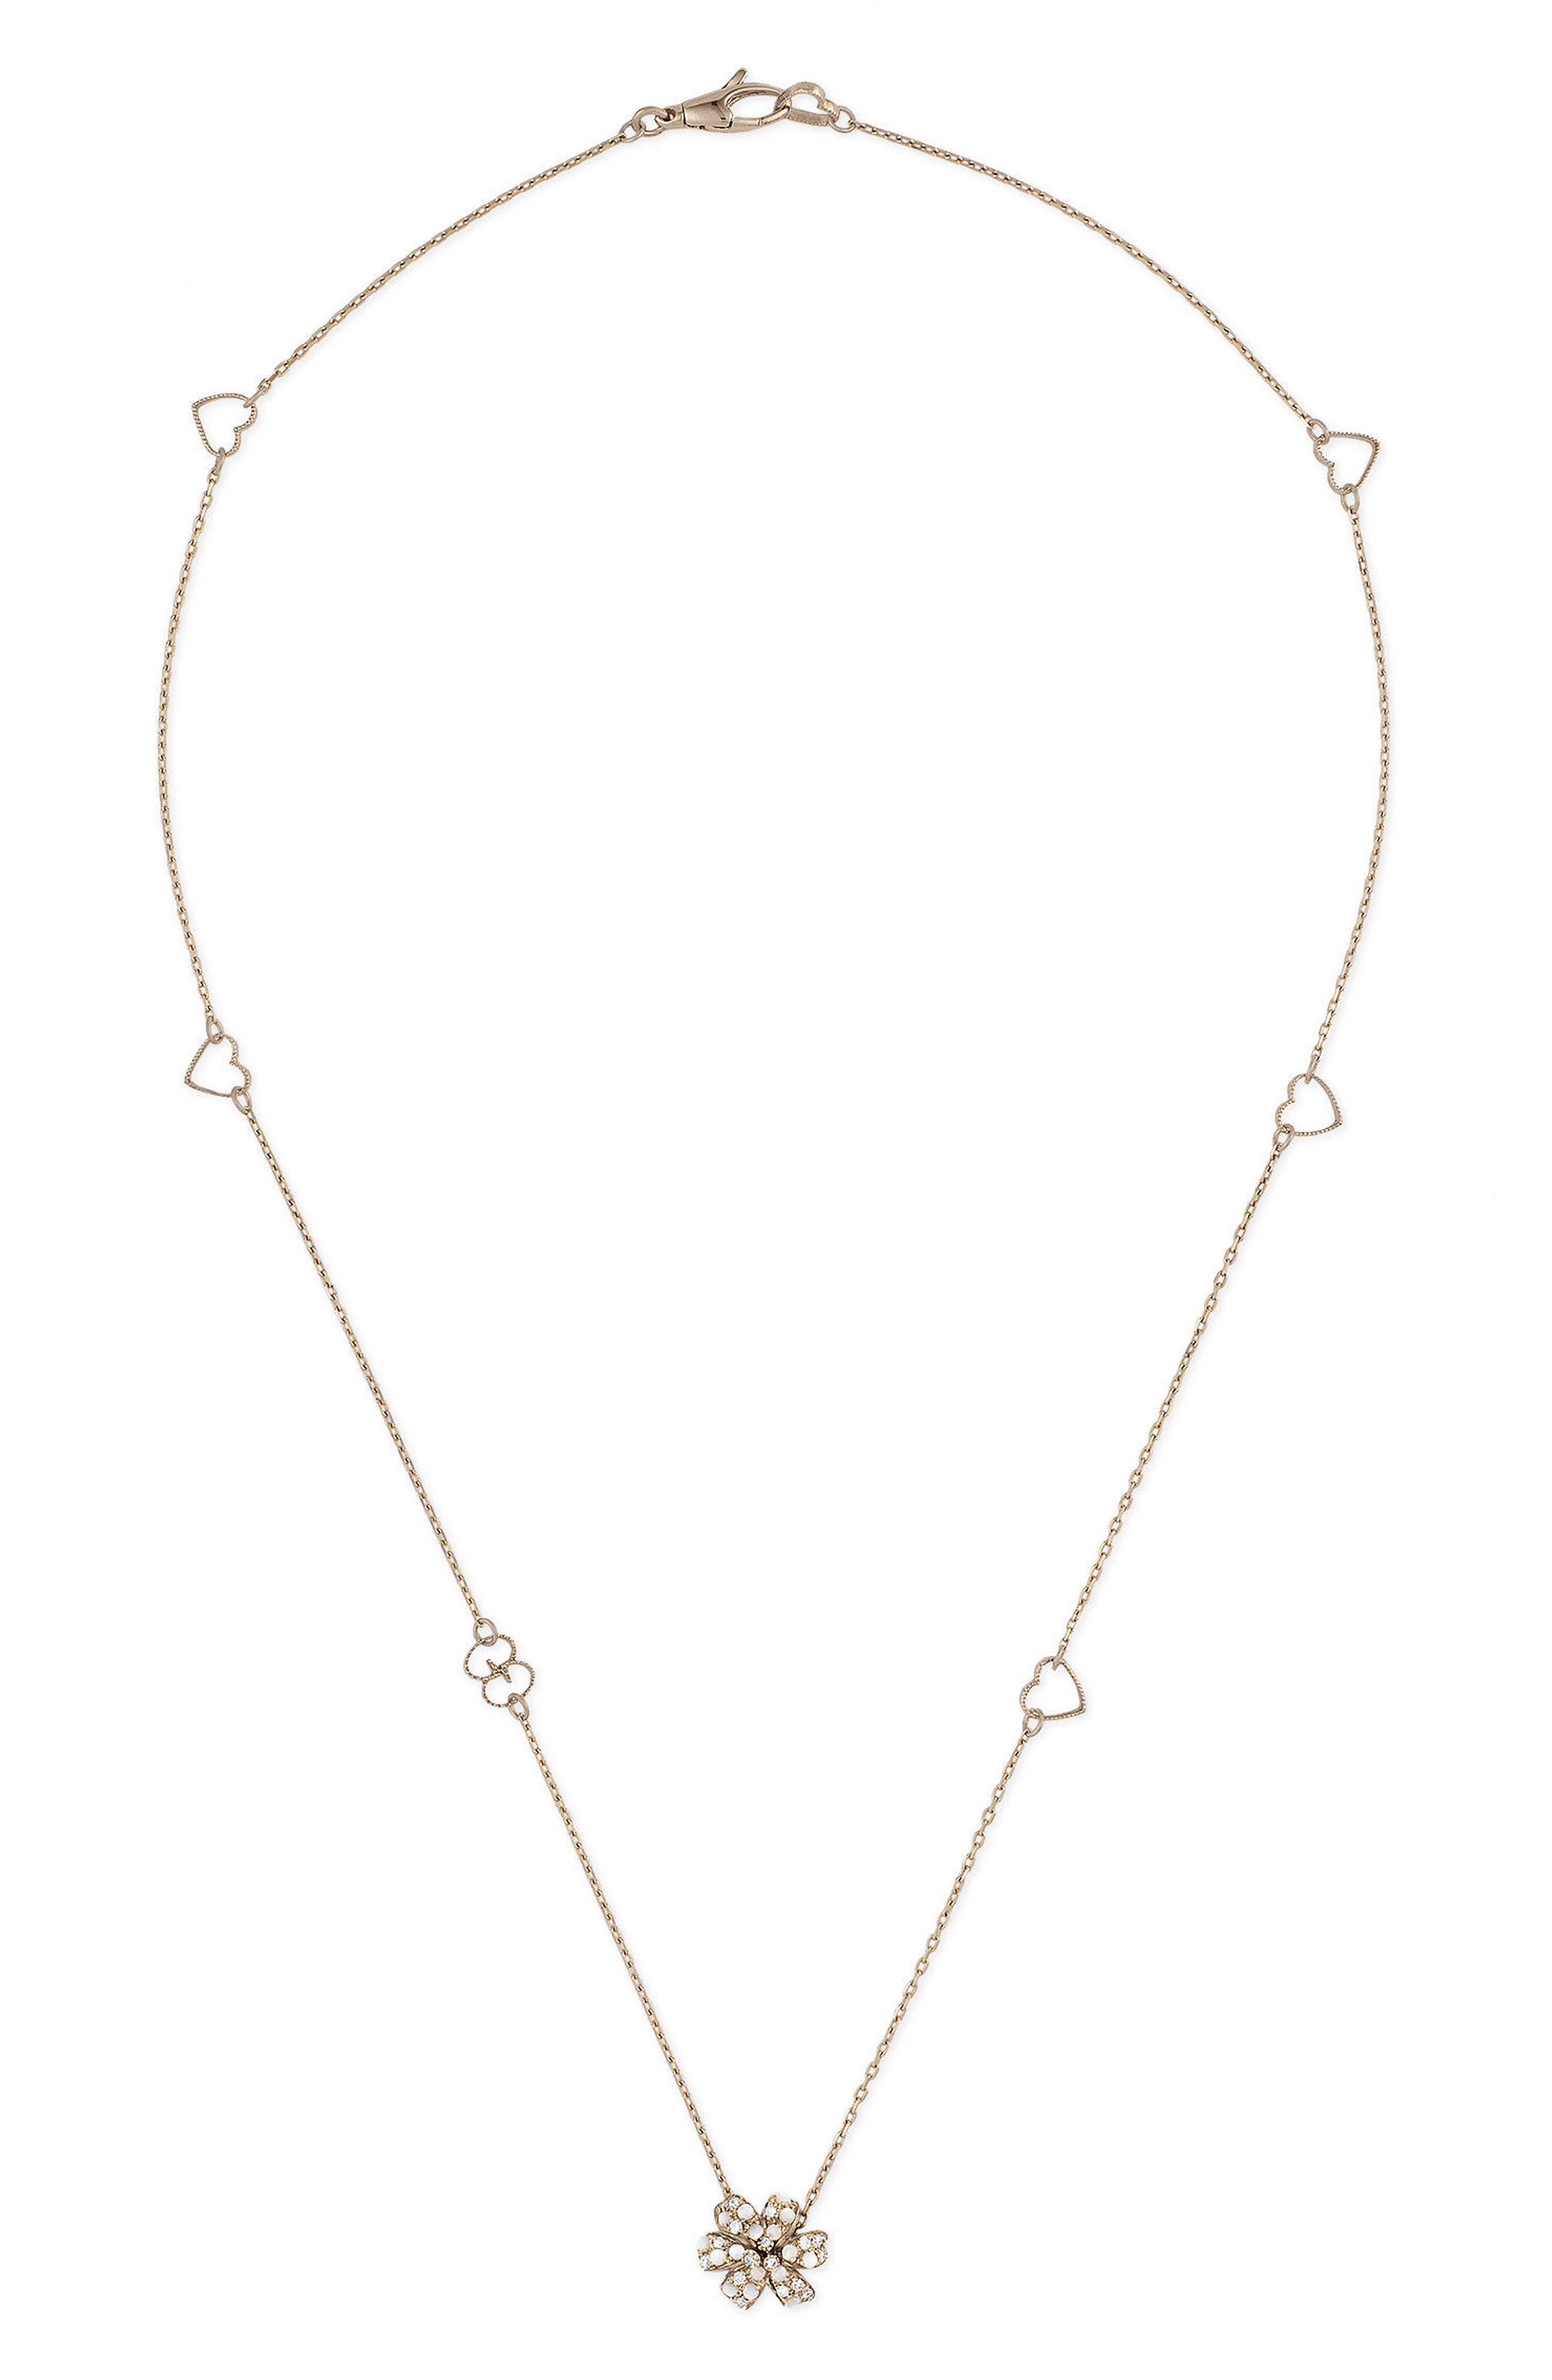 Flora Diamond Pendant Necklace,                             Main thumbnail 1, color,                             WHITE GOLD